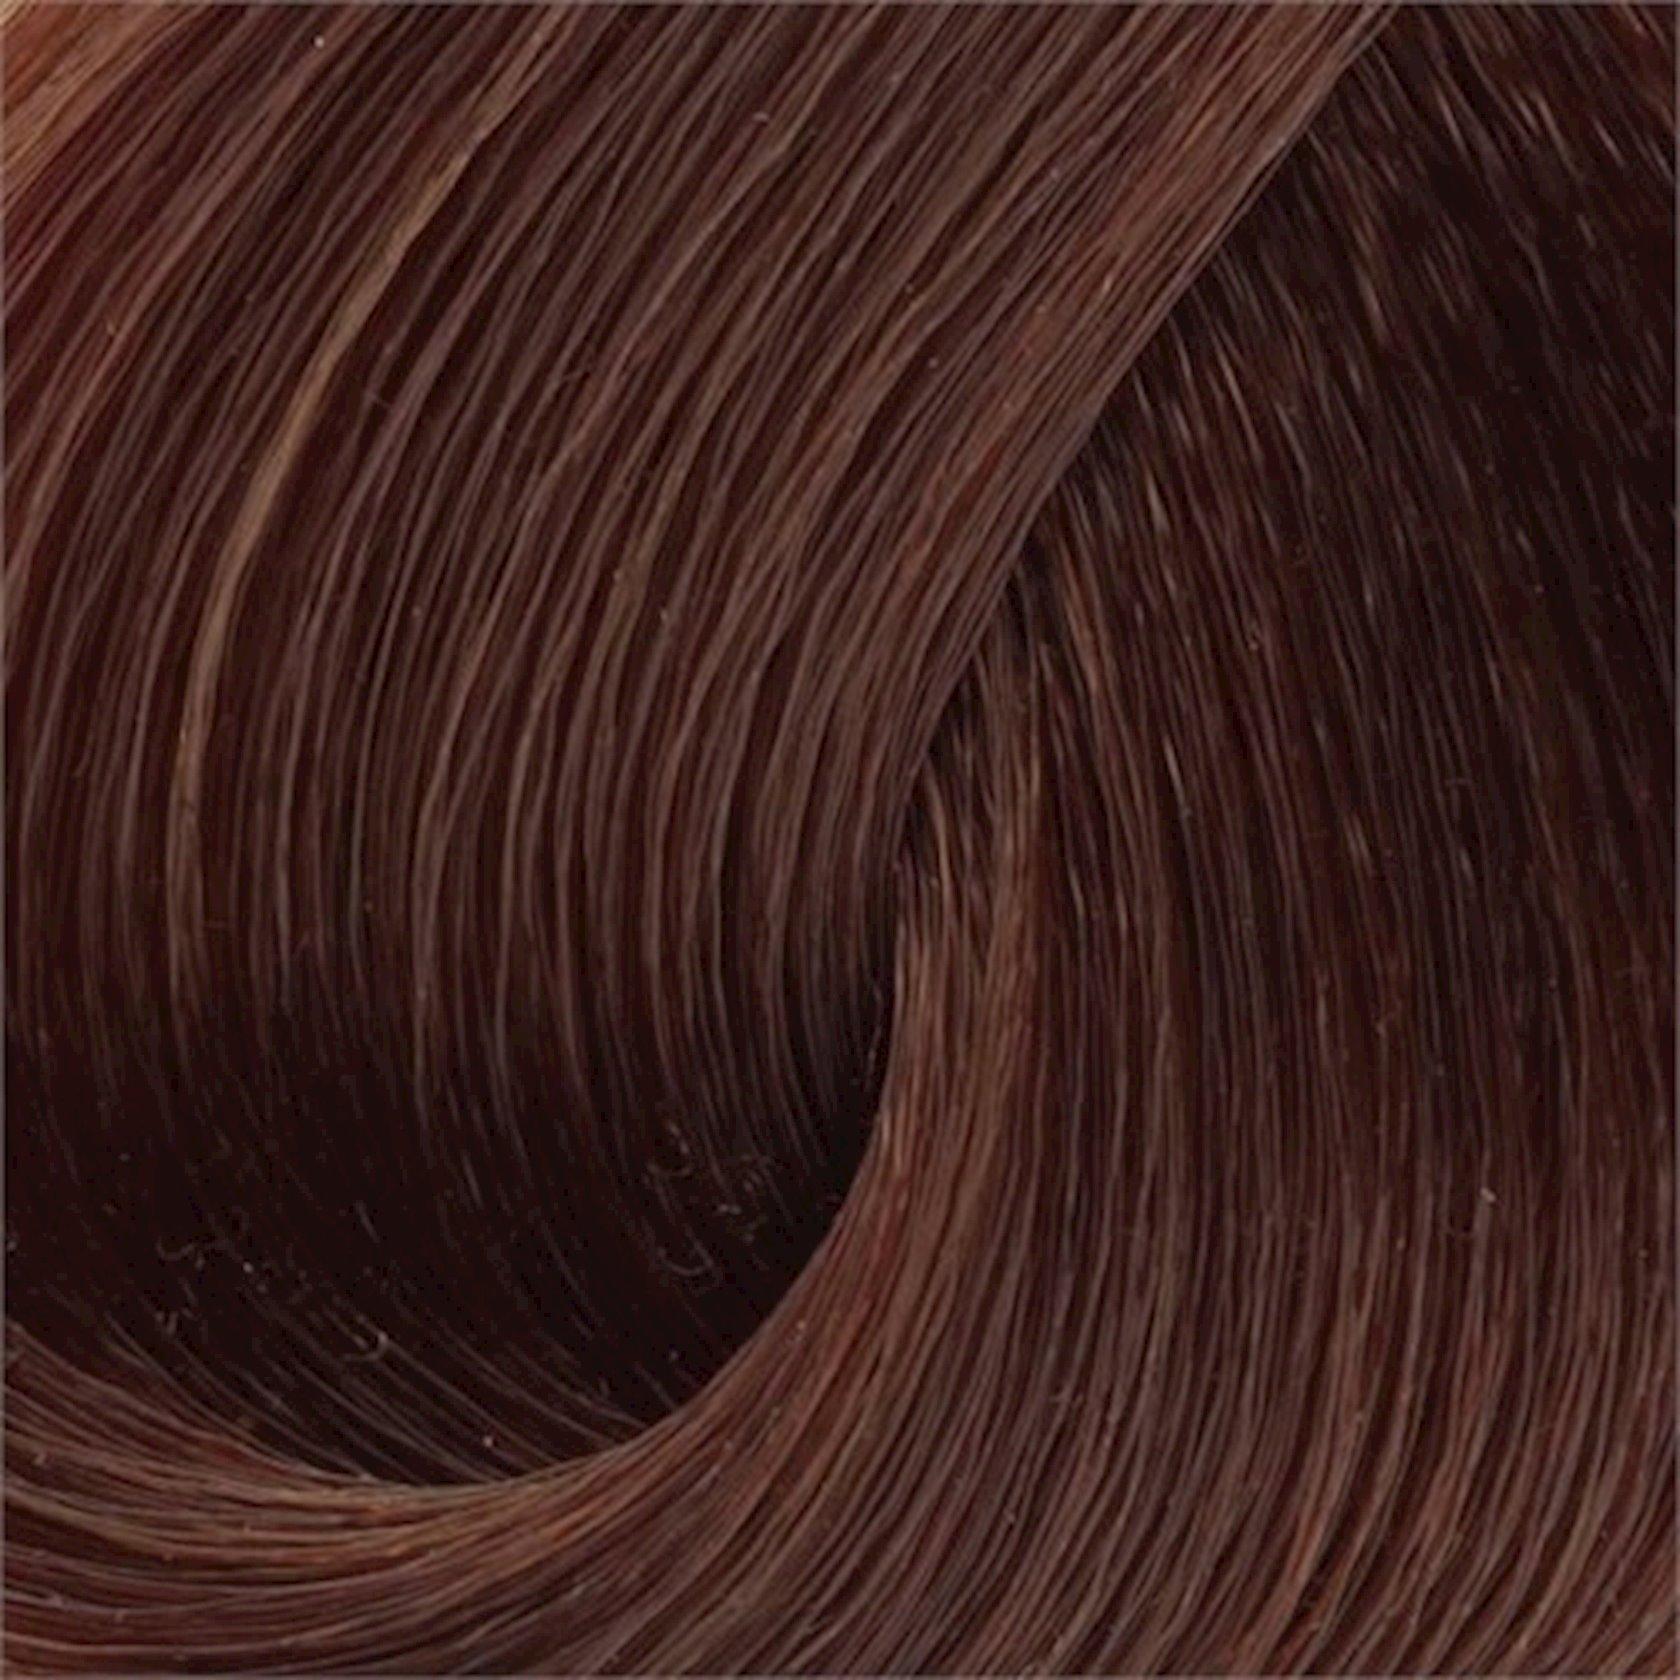 Saç üçün qalıcı krem boya Exicolor Permanent Hair Color Cream 100 ml №6.0 Yoğun Koyu Kumral, İntensiv tünd şabalıdı